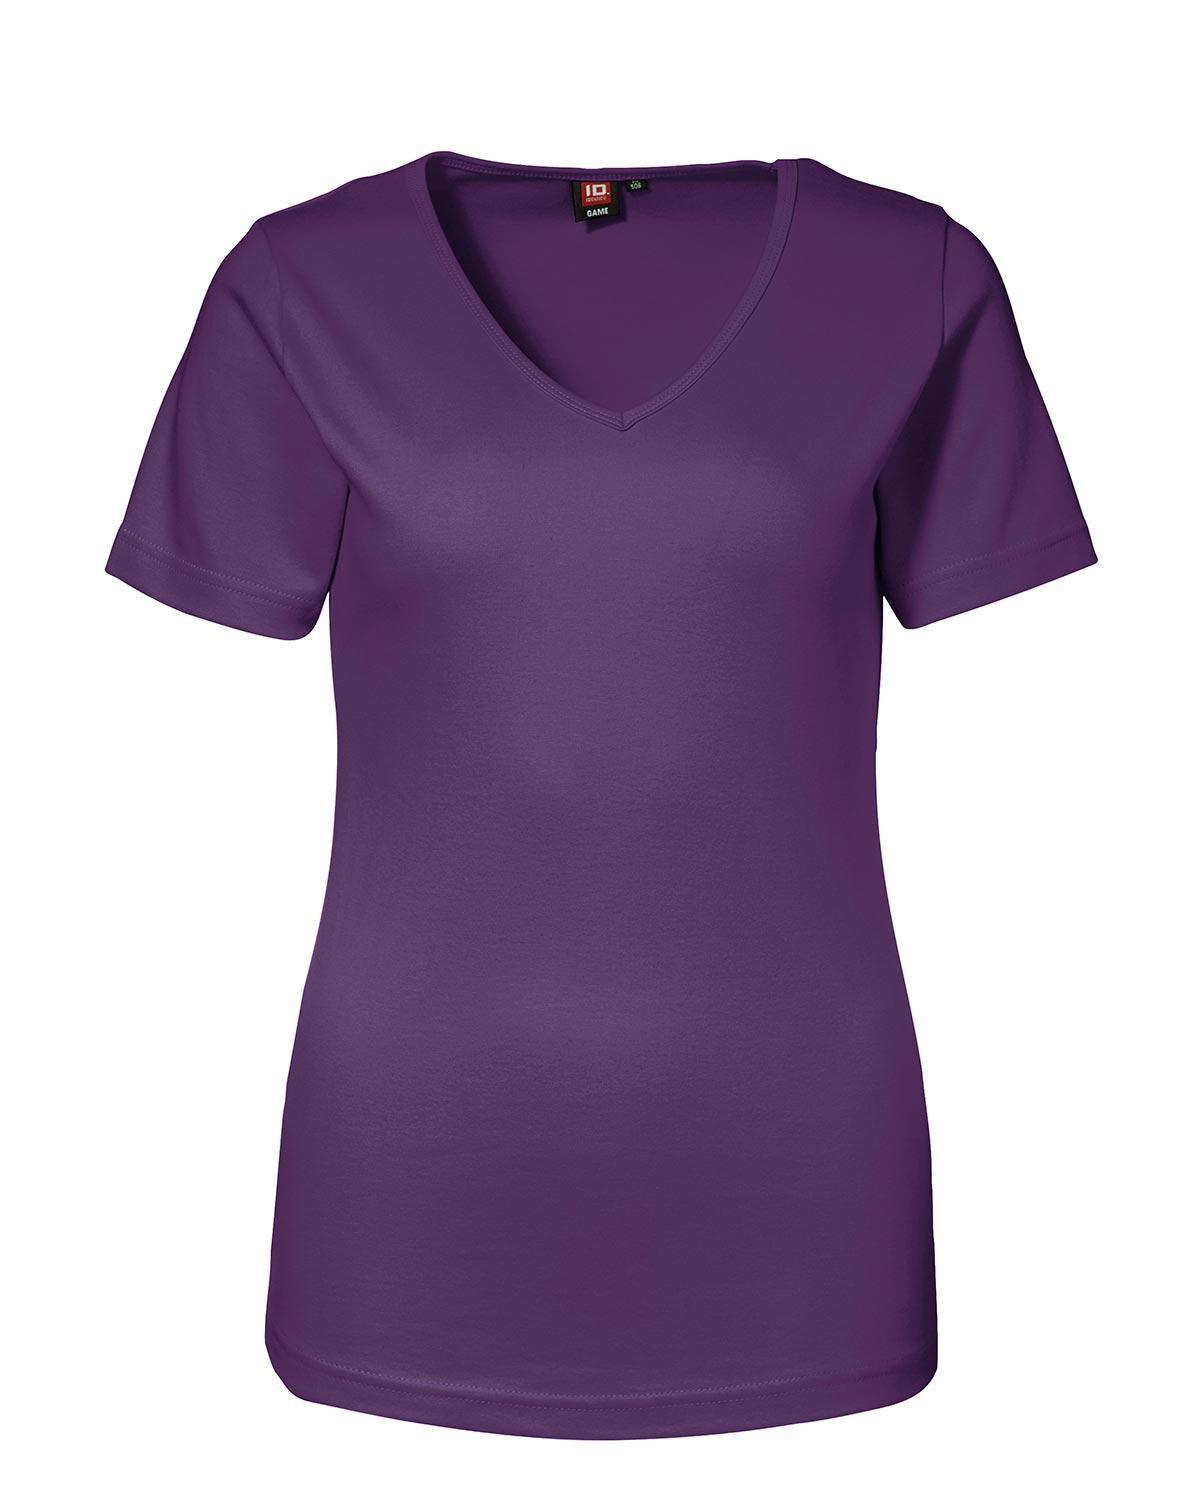 ID Feminin V-ringad T-shirt (Lila, XL)